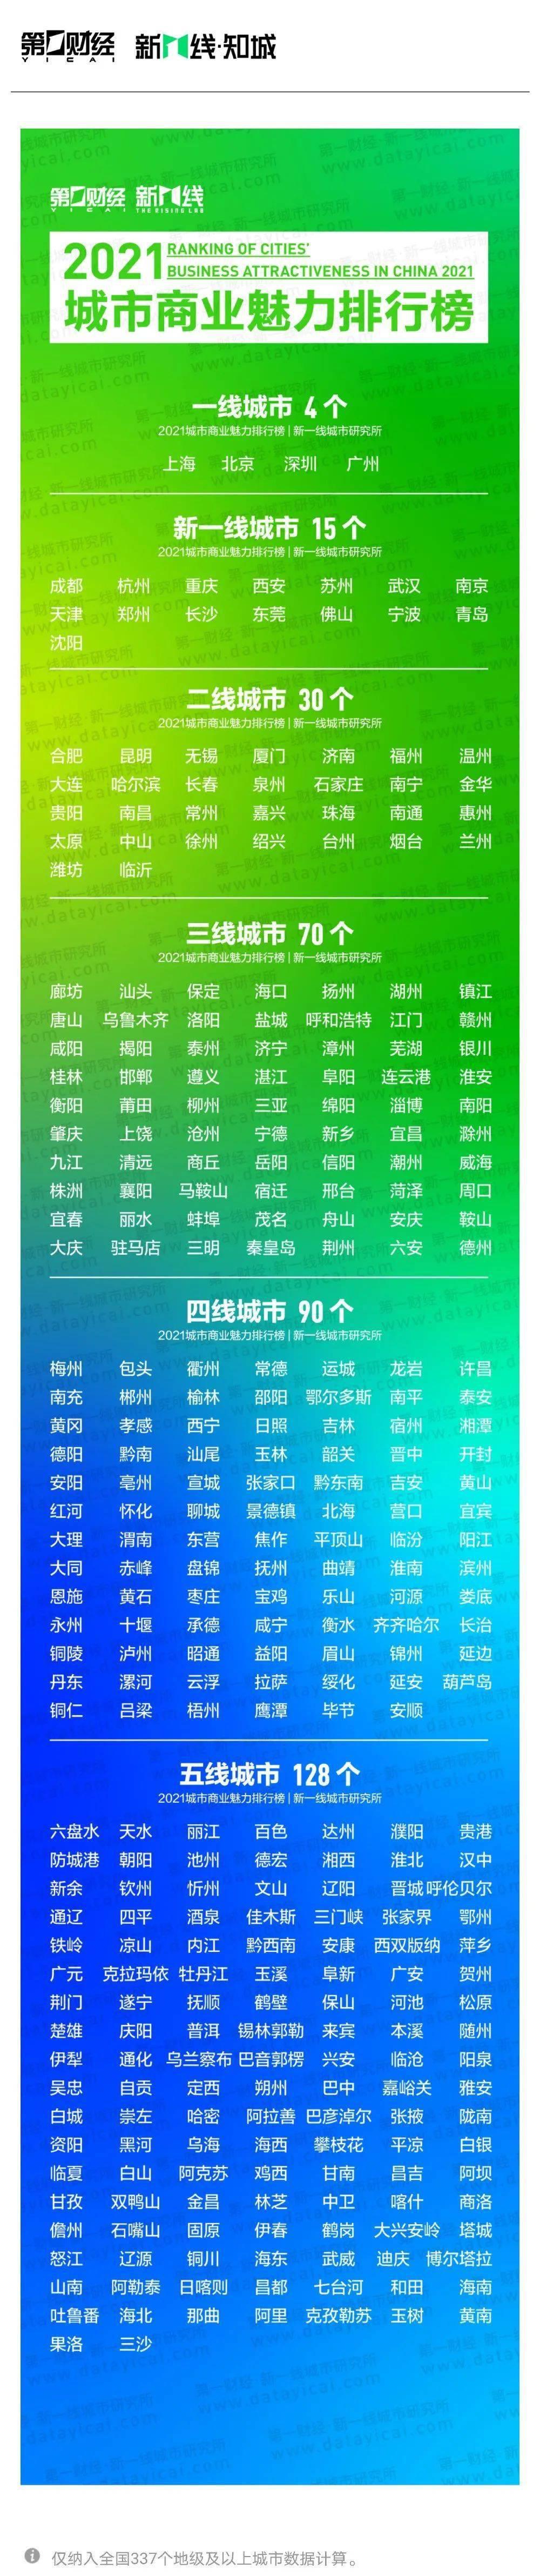 四线城市排行榜_甘肃即将晋升为四线的城市,庆阳、酒泉落选,不是定西也不是陇南